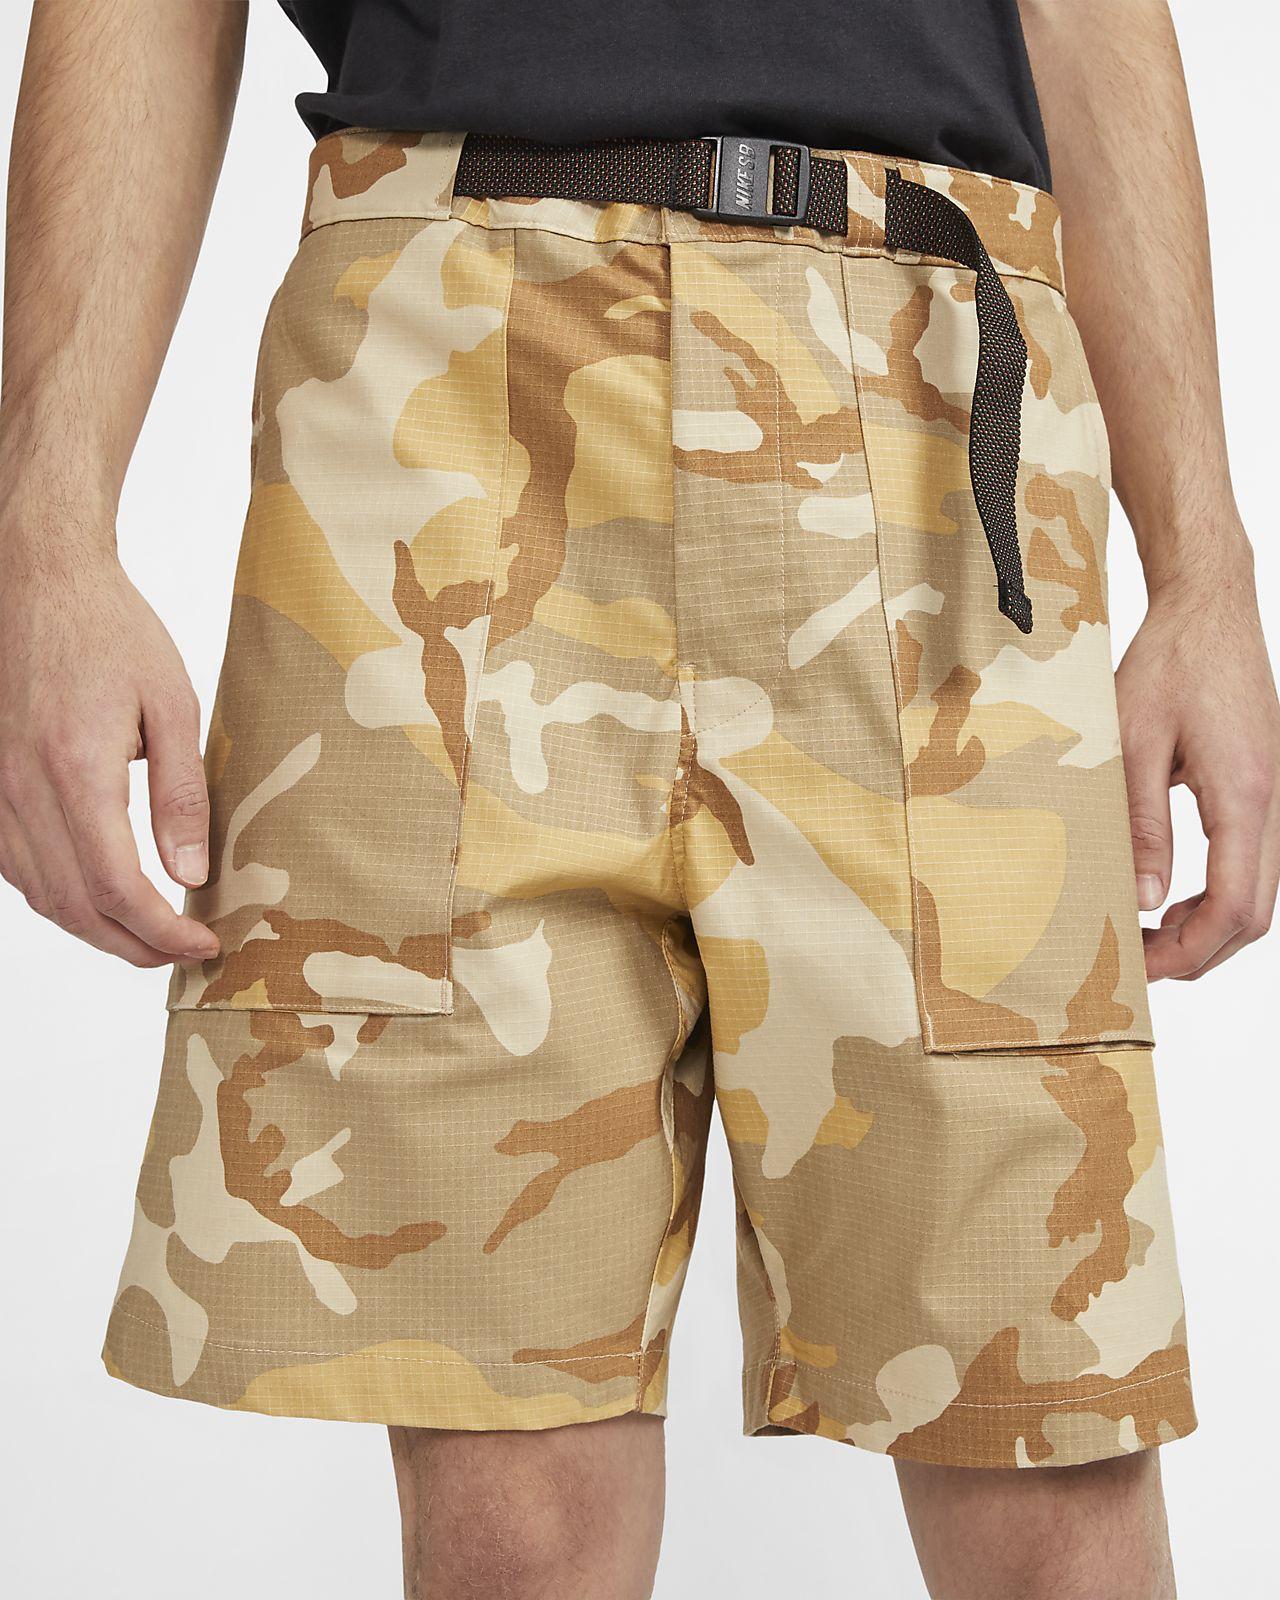 Nike SB Skateshorts met camouflageprint voor heren